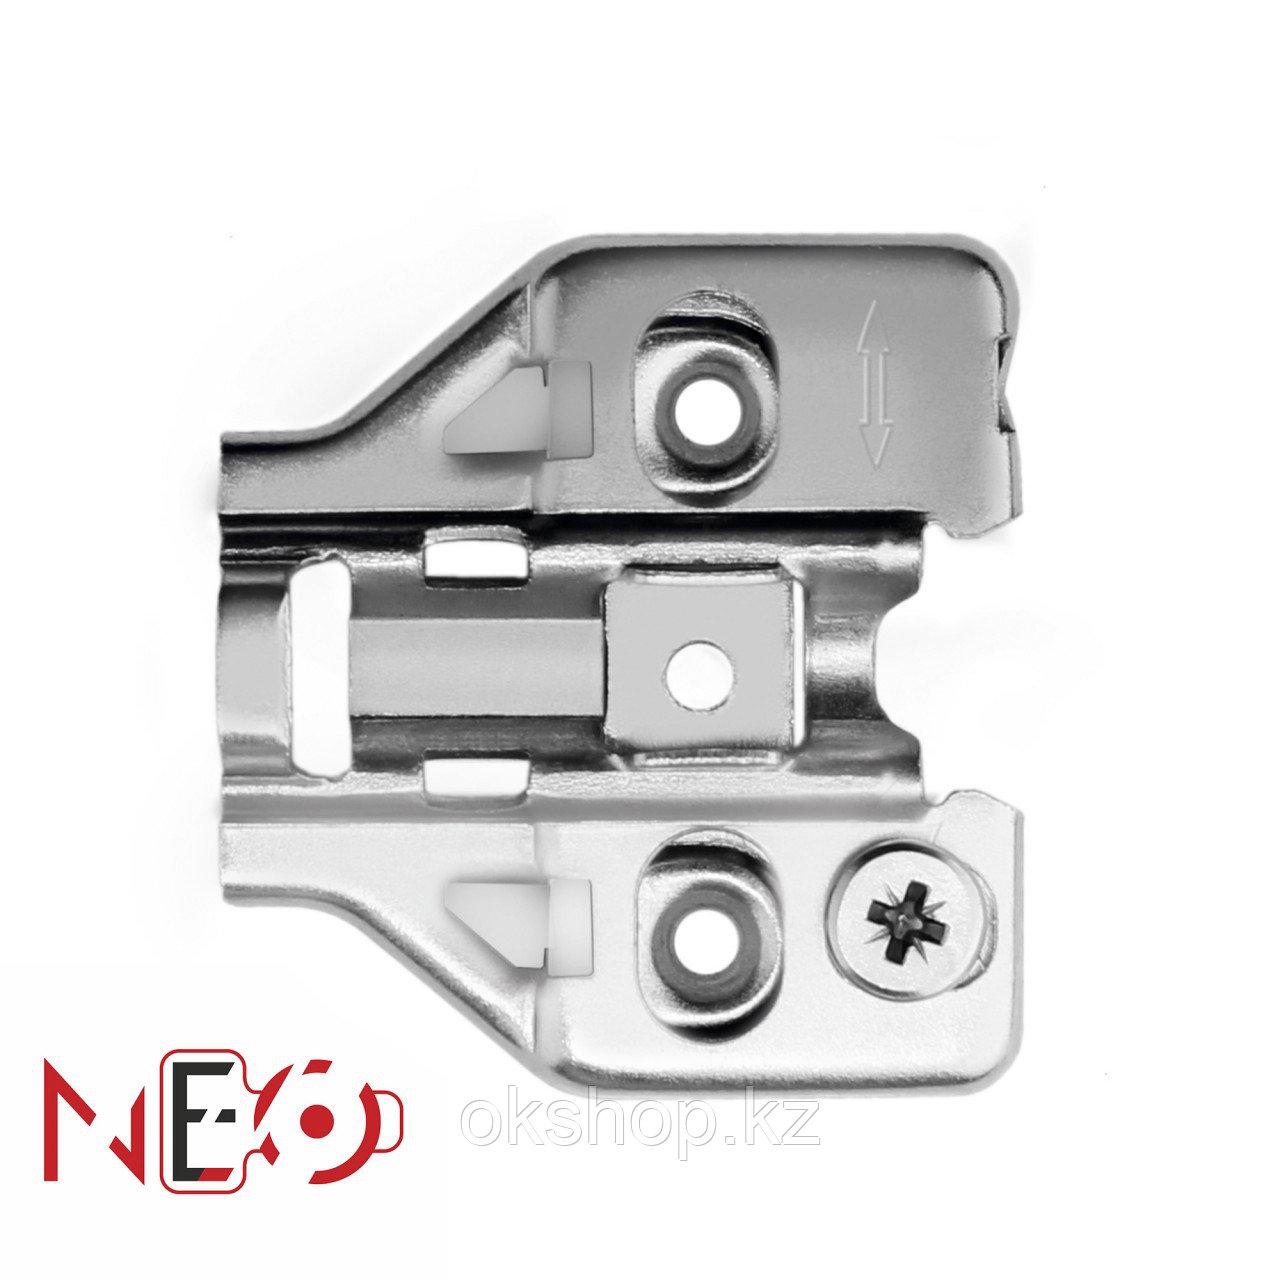 Ответная планка к мебельным петлям NEO с эксцентриком